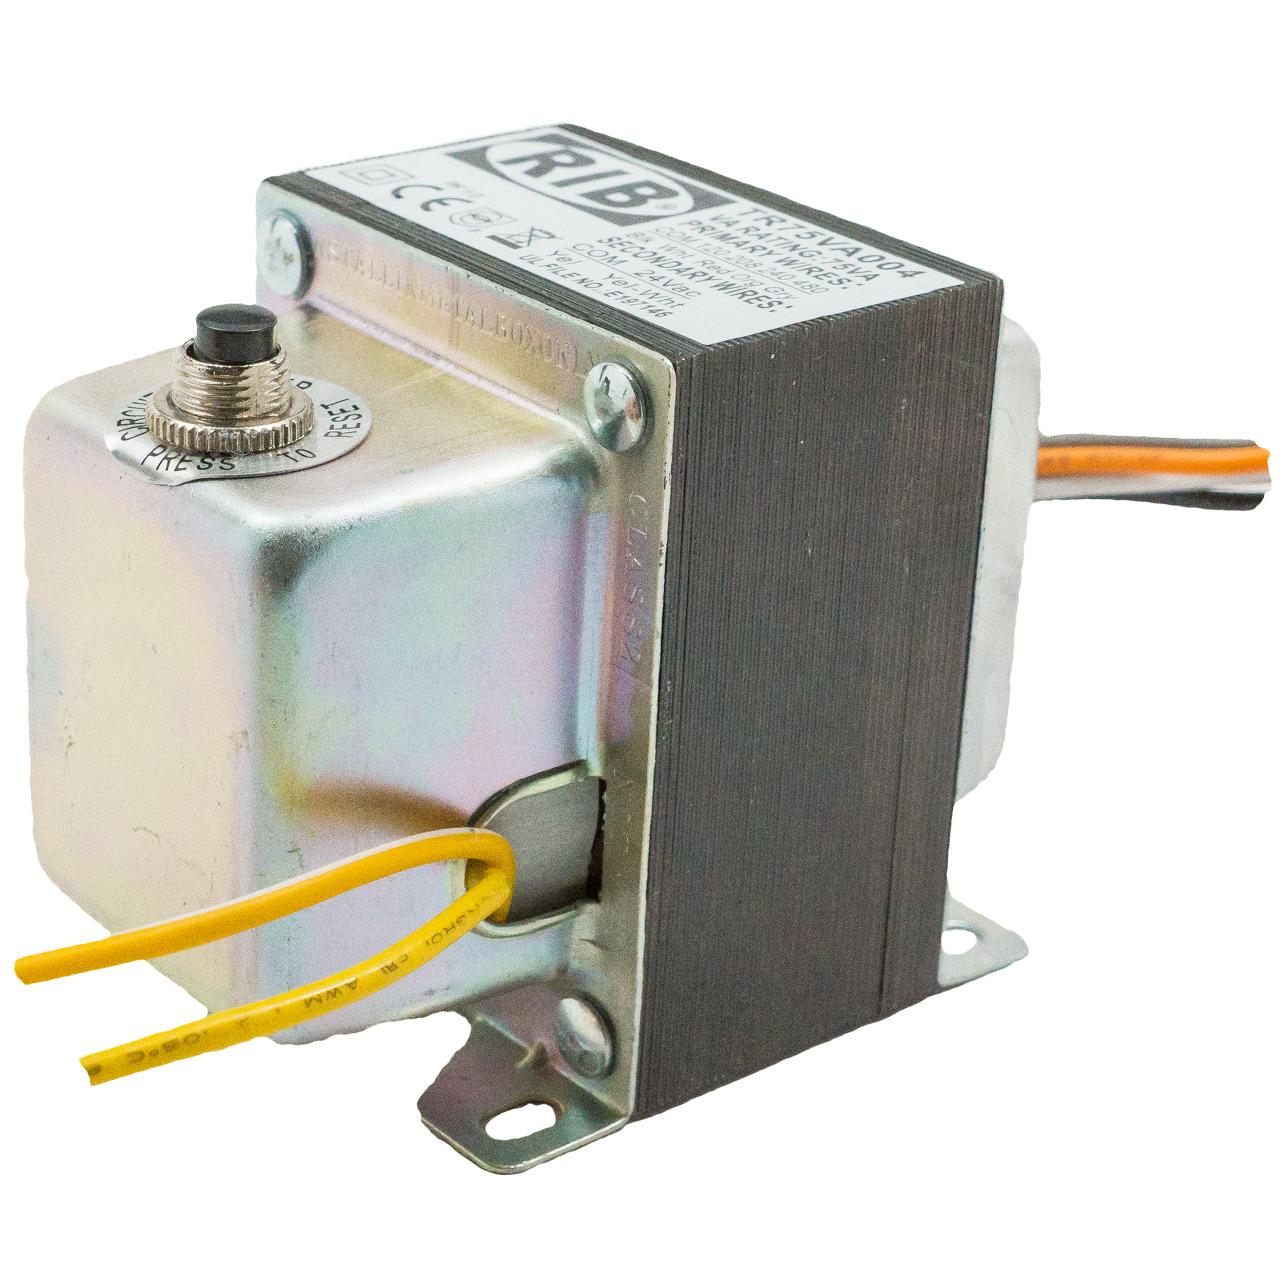 Rib relays rib relays tr75va004 transformer 75va 120208240480 24v publicscrutiny Images